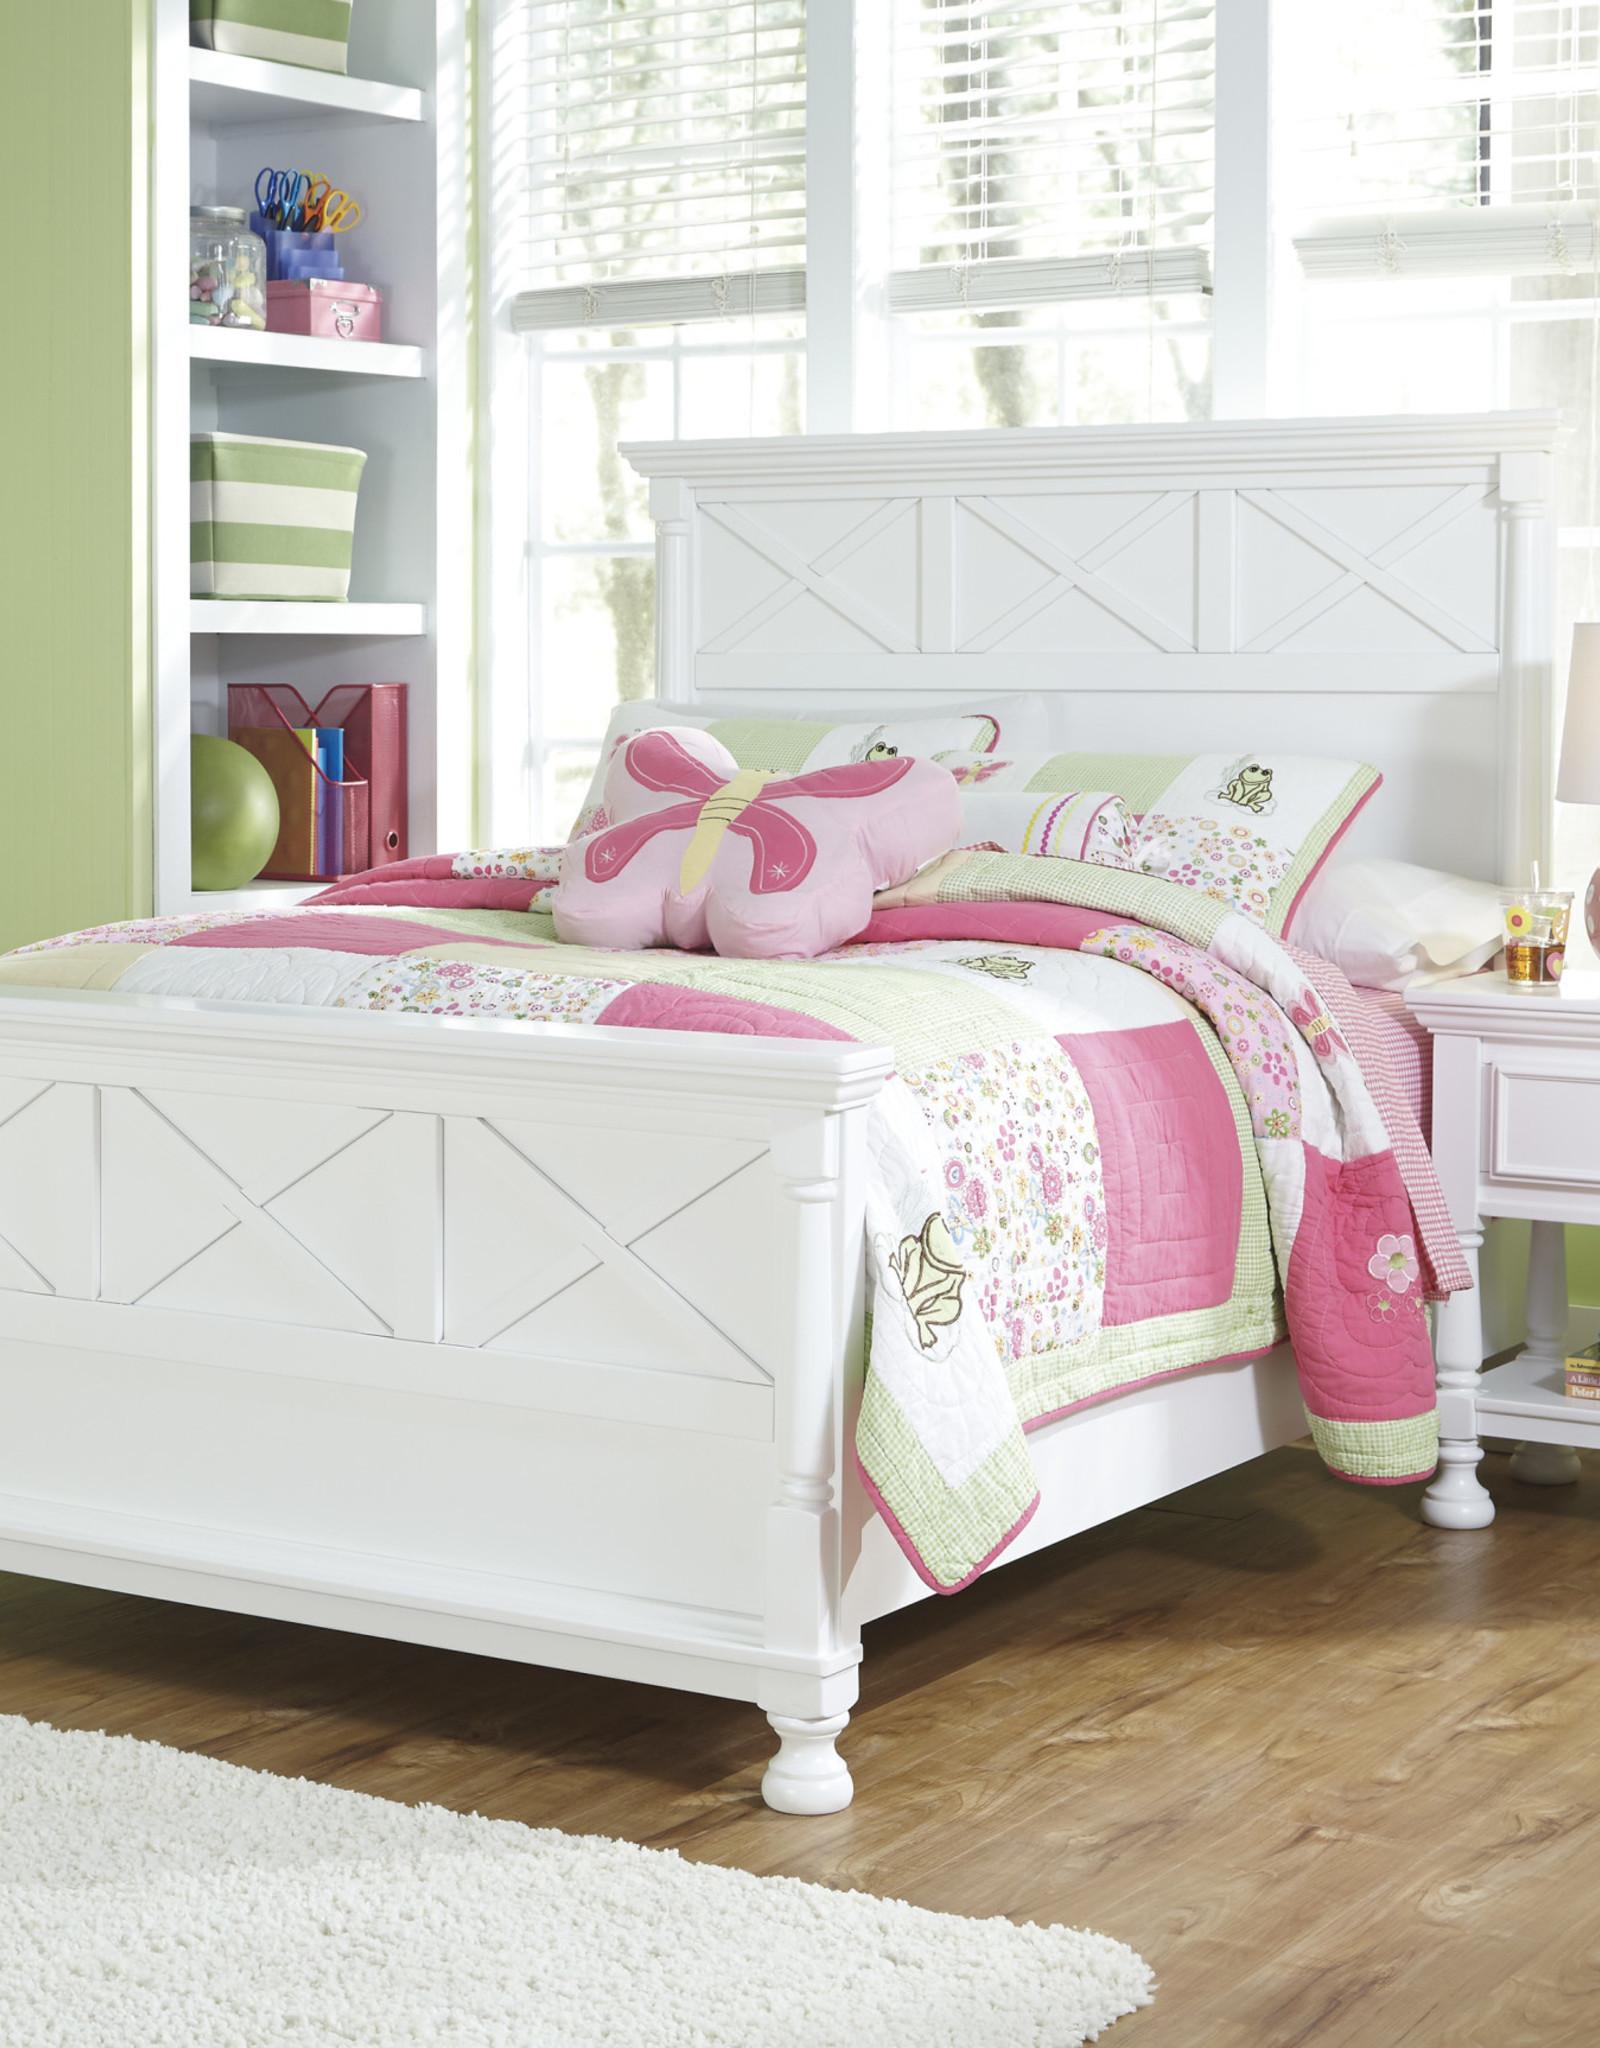 Kaslyn Bed (includes headboard, footboard, and rails)